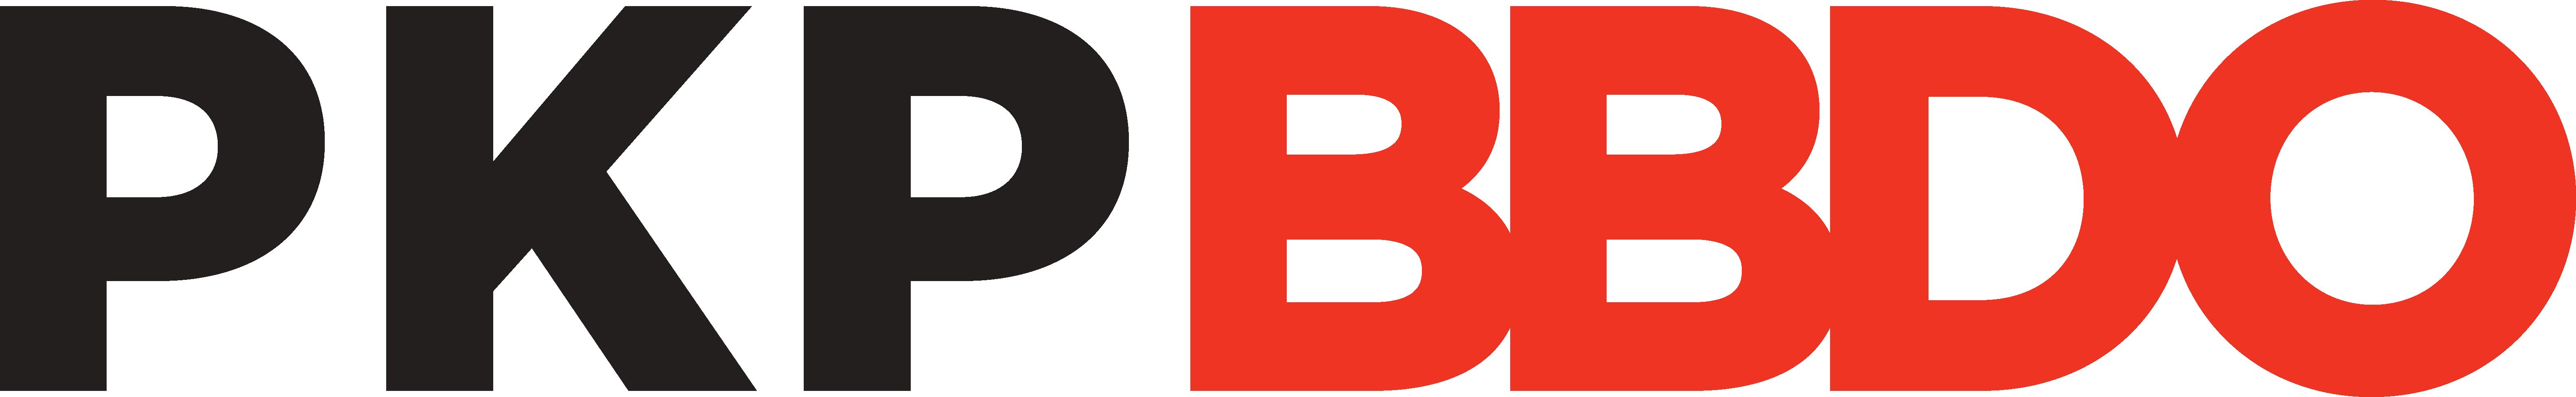 PKP BBDO Werbeagentur GmbH - Digital